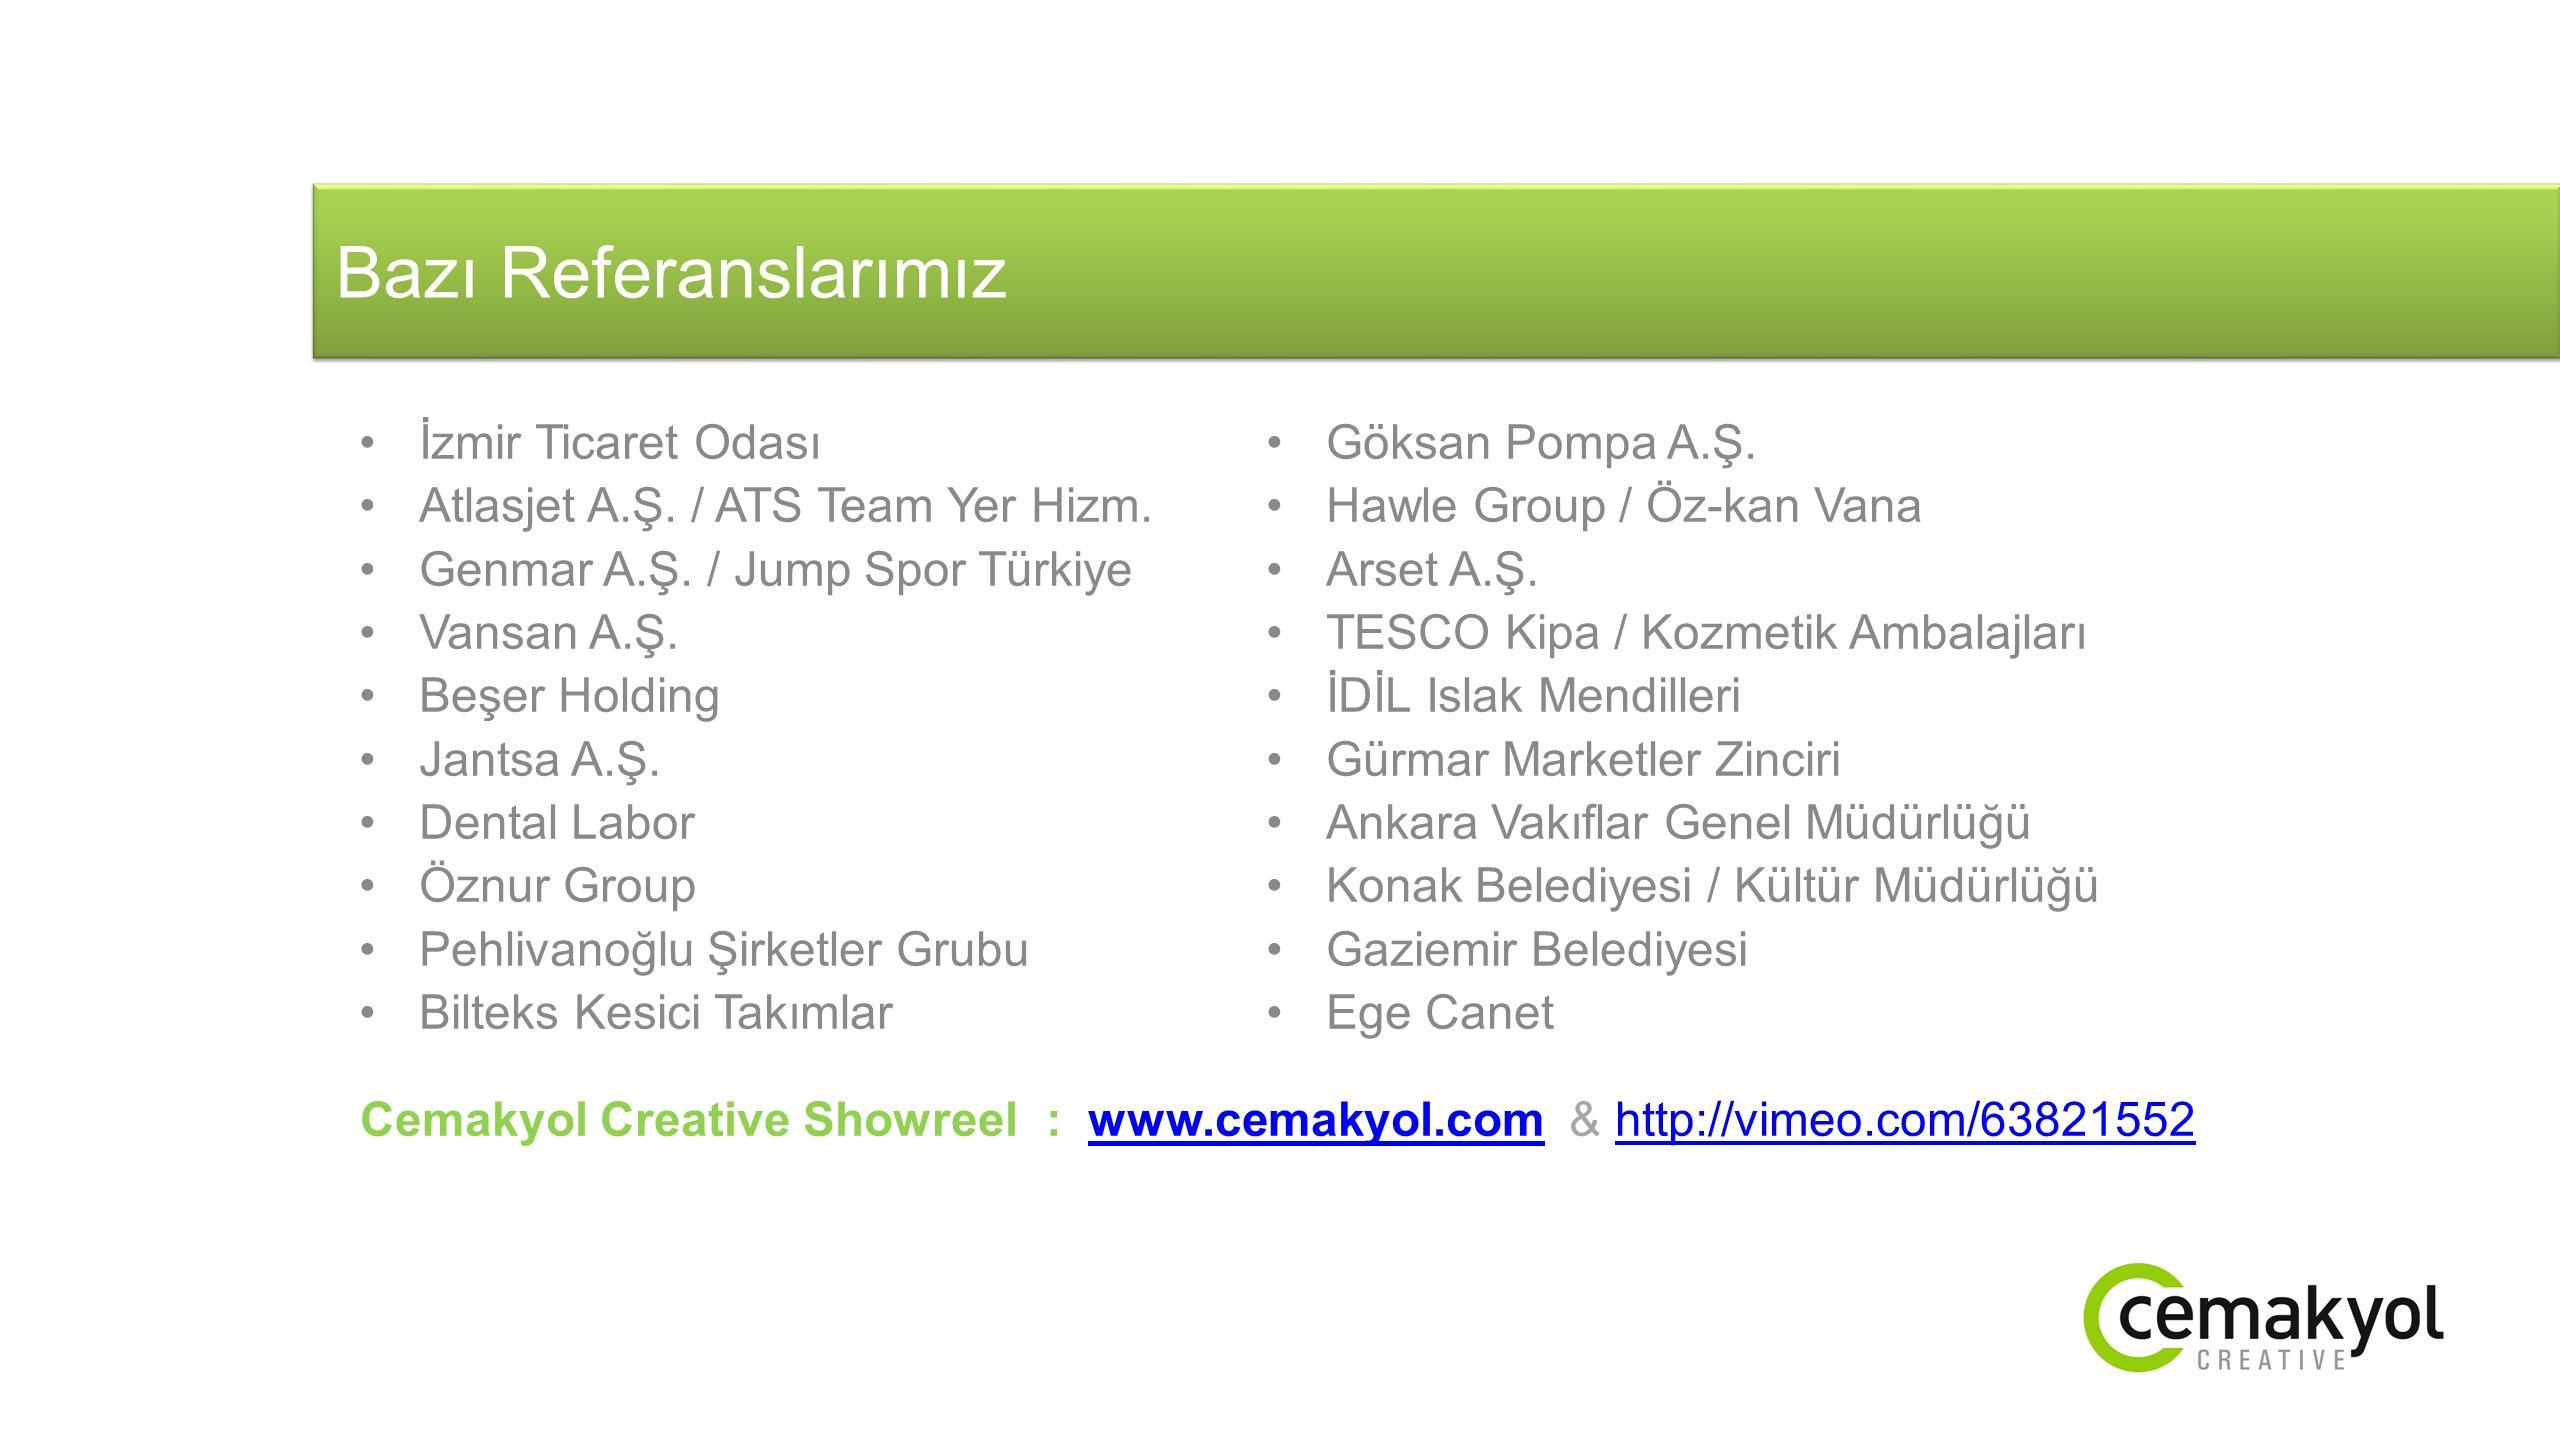 Bazı Referanslarımız İzmir Ticaret Odası Göksan Pompa A.Ş.